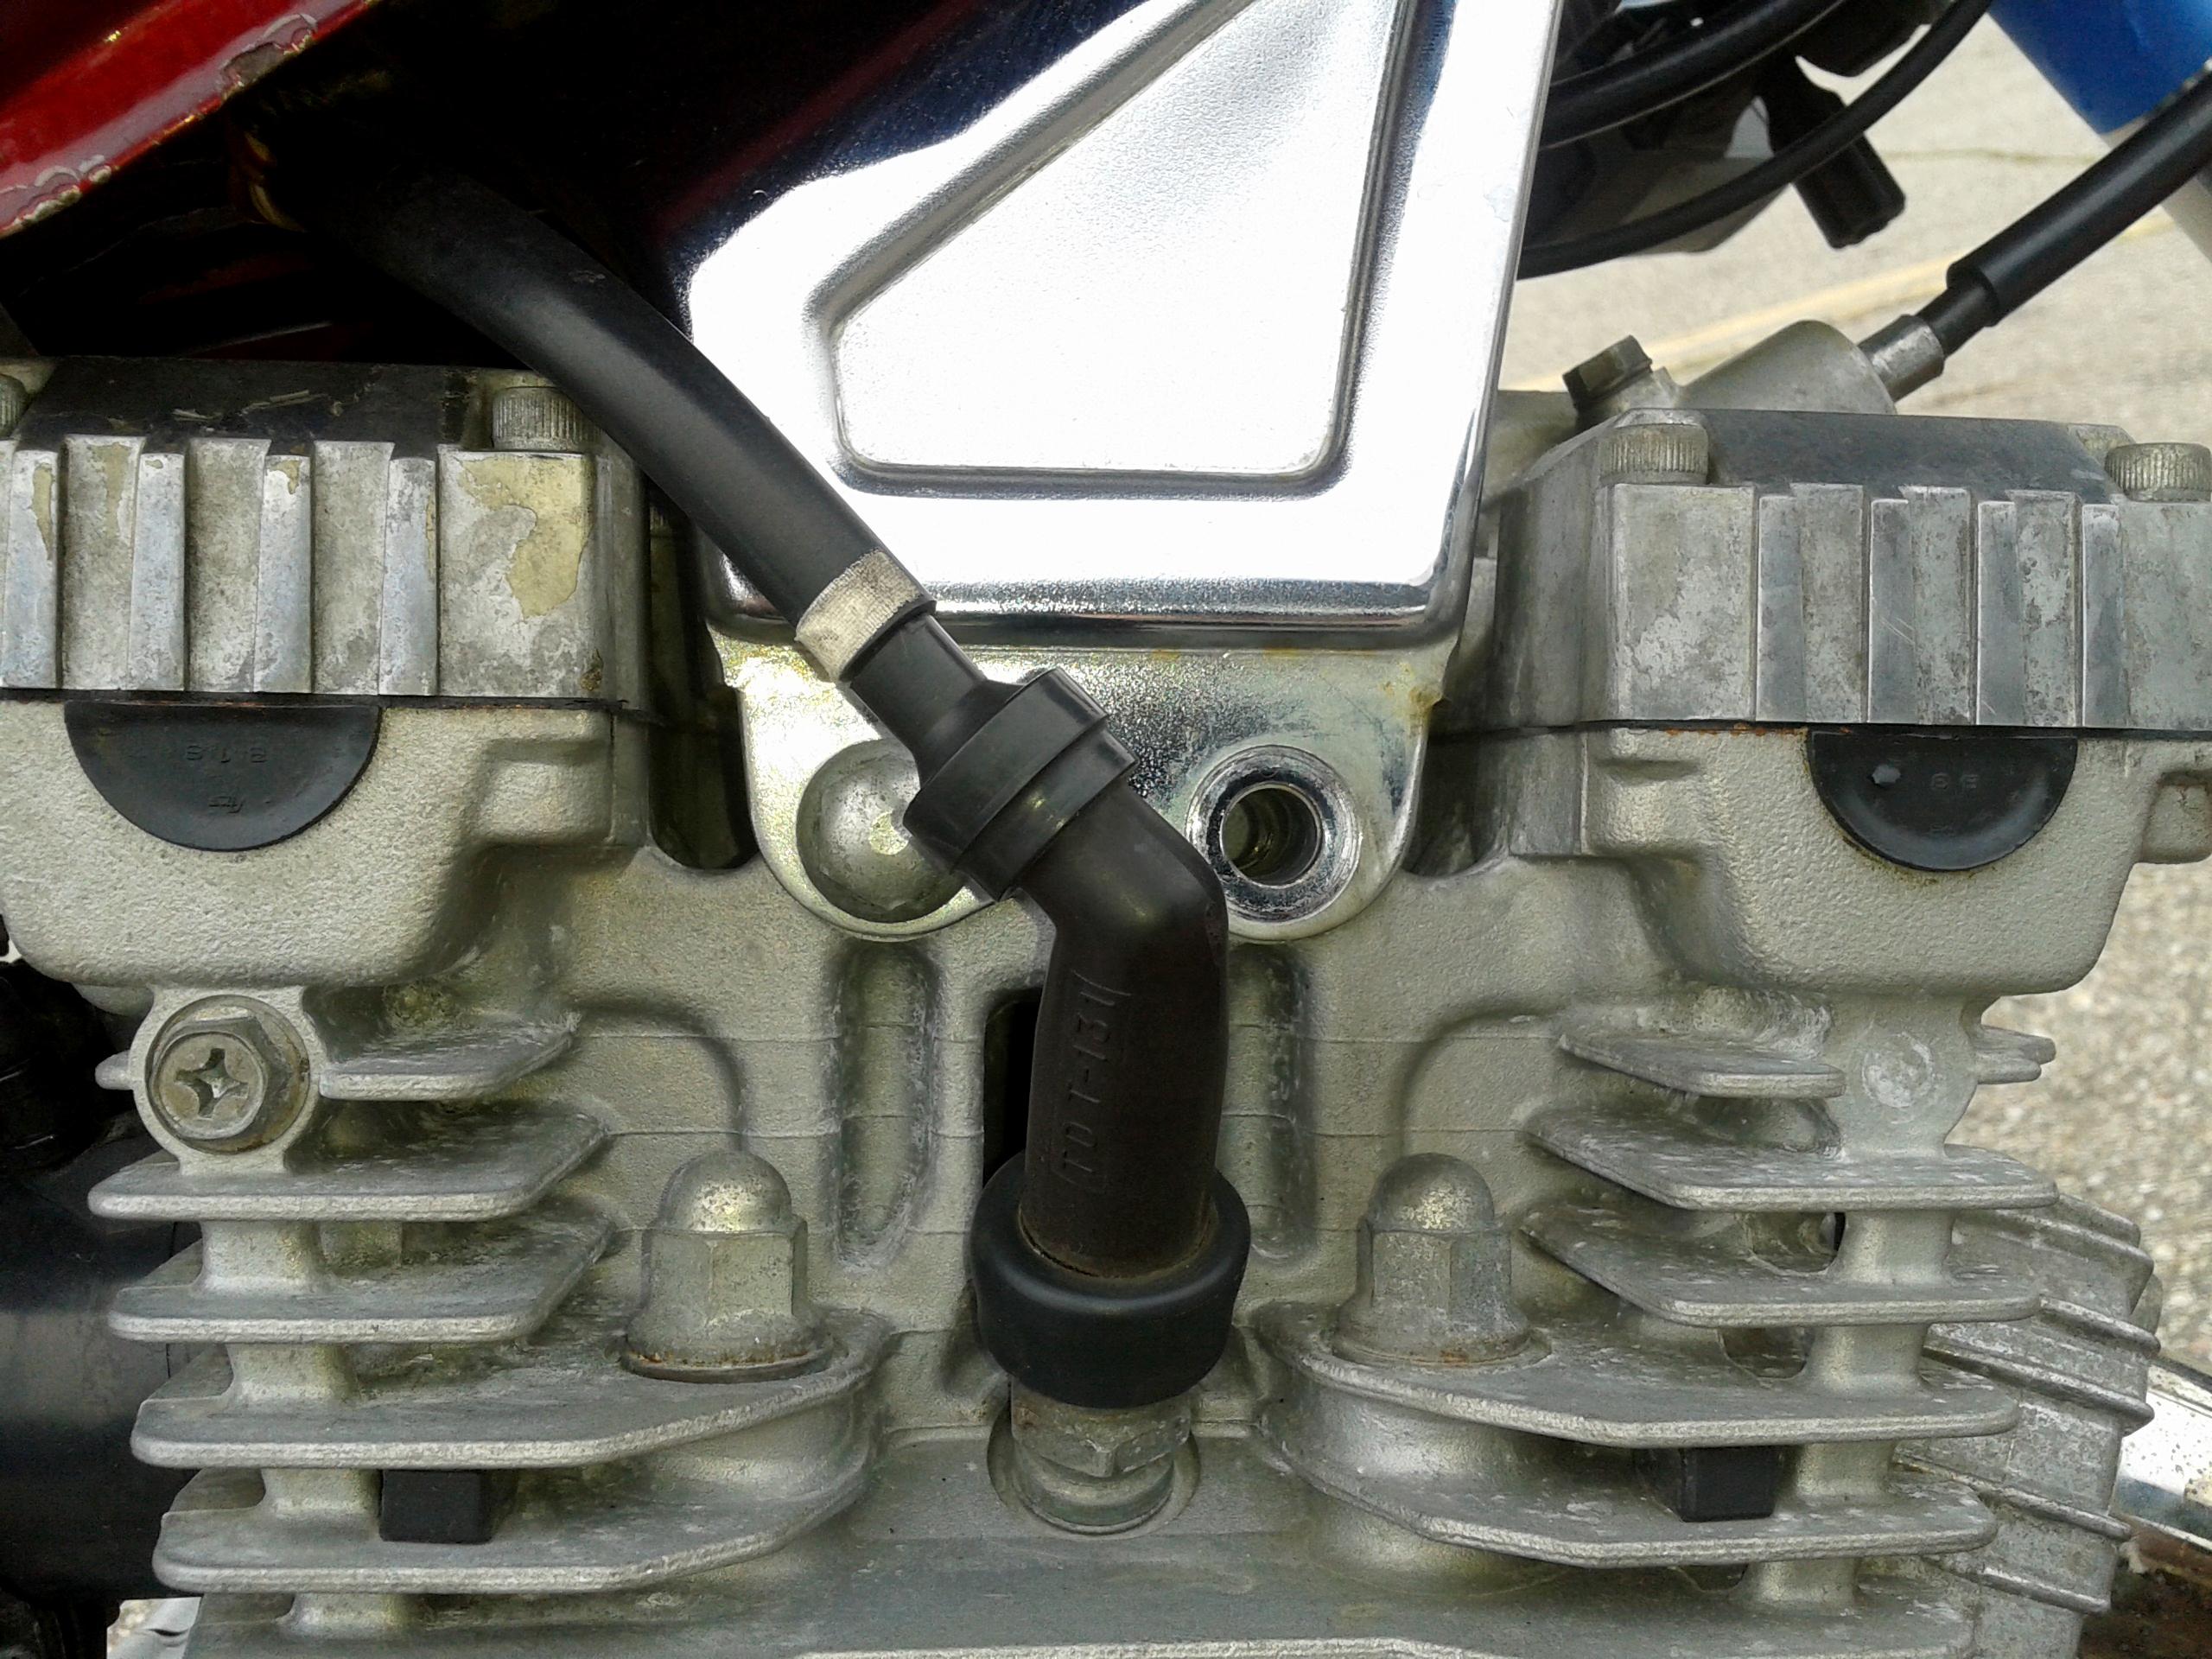 Missing Engine Bolt